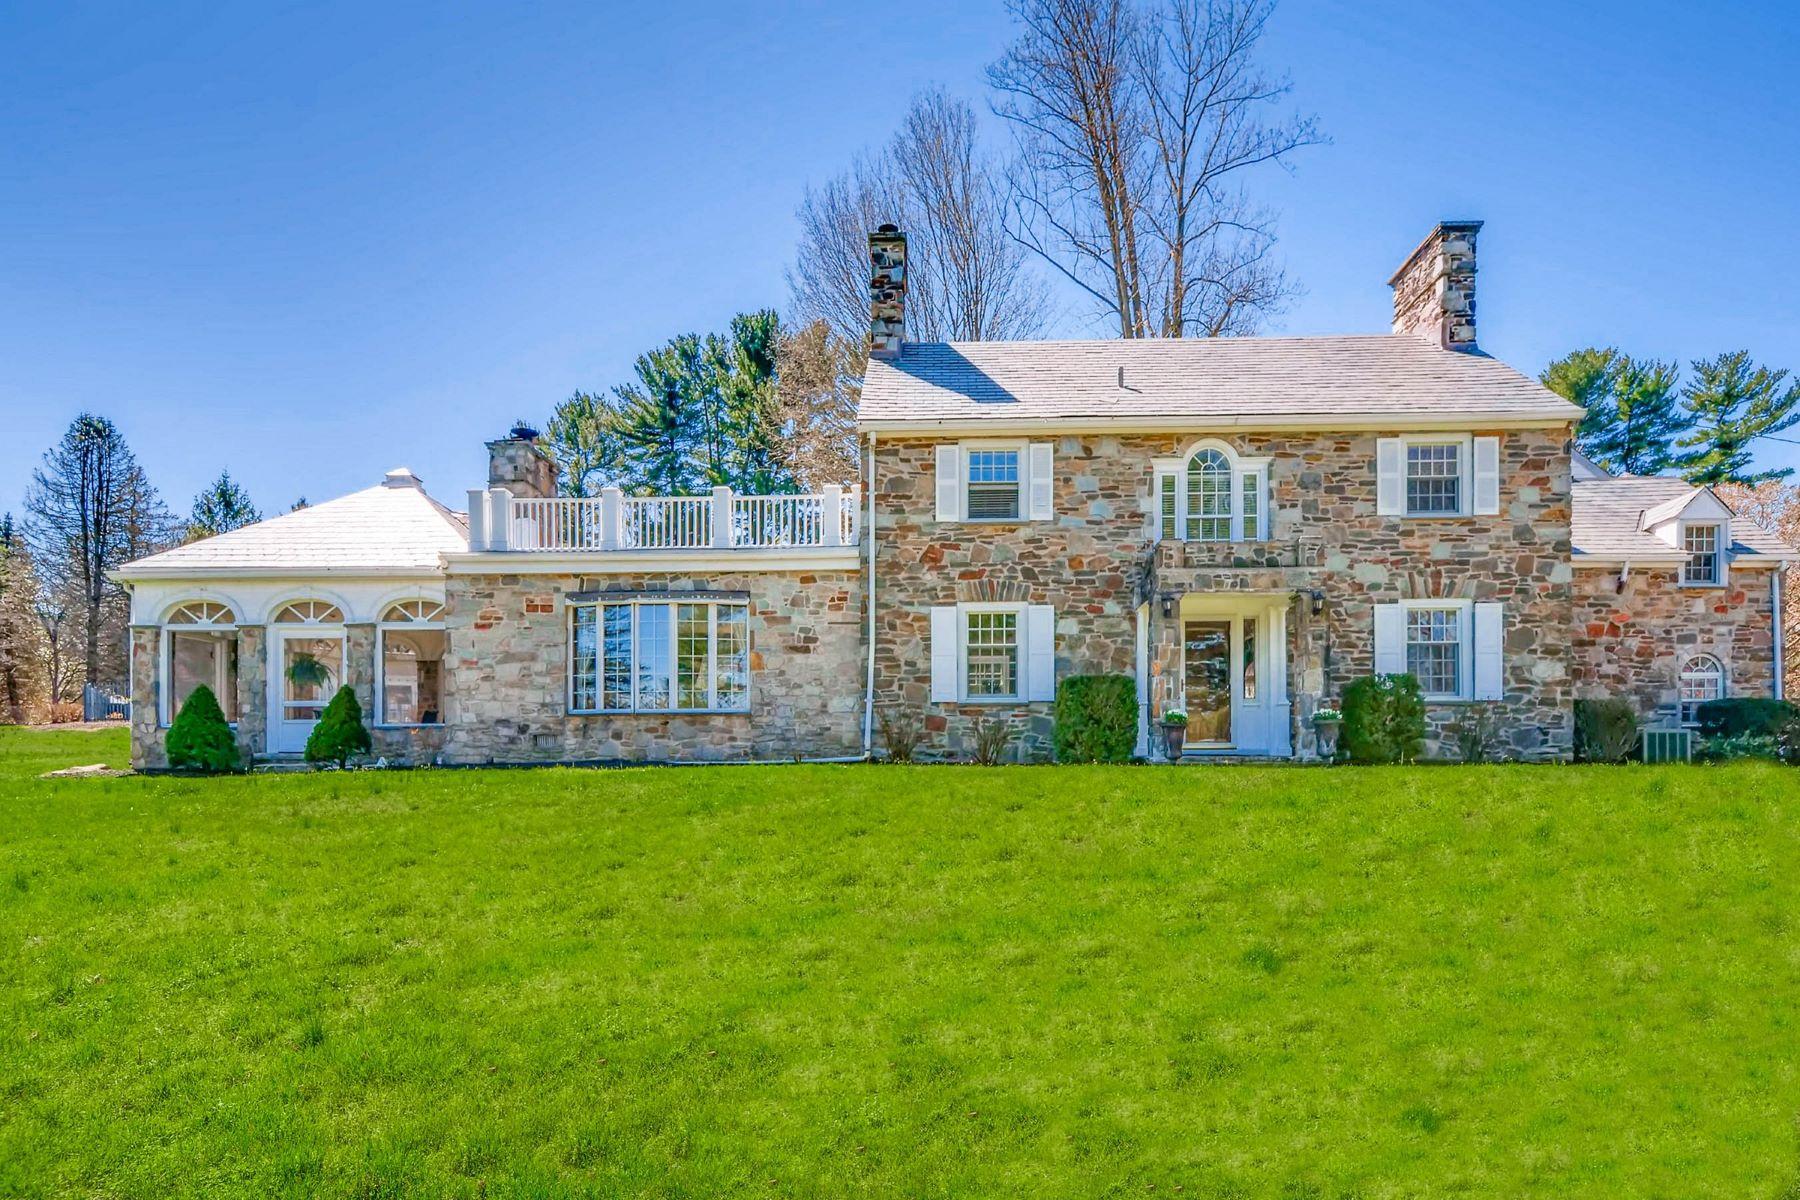 Частный односемейный дом для того Продажа на 501 Seminary Avenue Towson, Мэриленд 21286 Соединенные Штаты